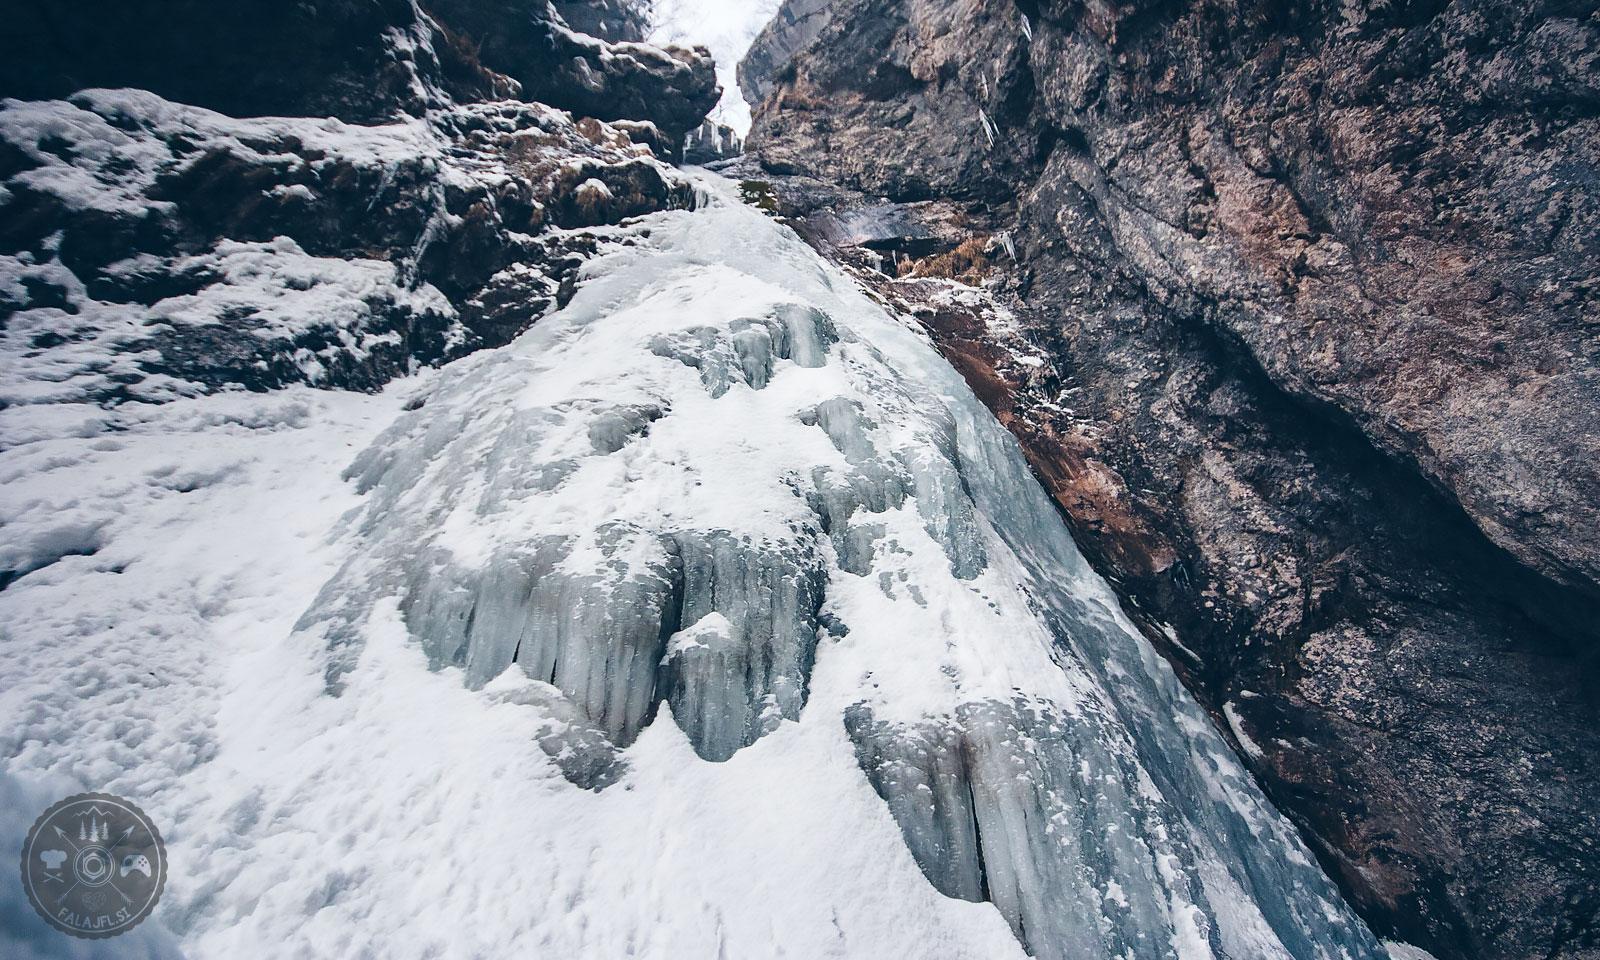 Slap Orglice, potok Bela, Kamniška Bistrica, dolina Kamniške Bele